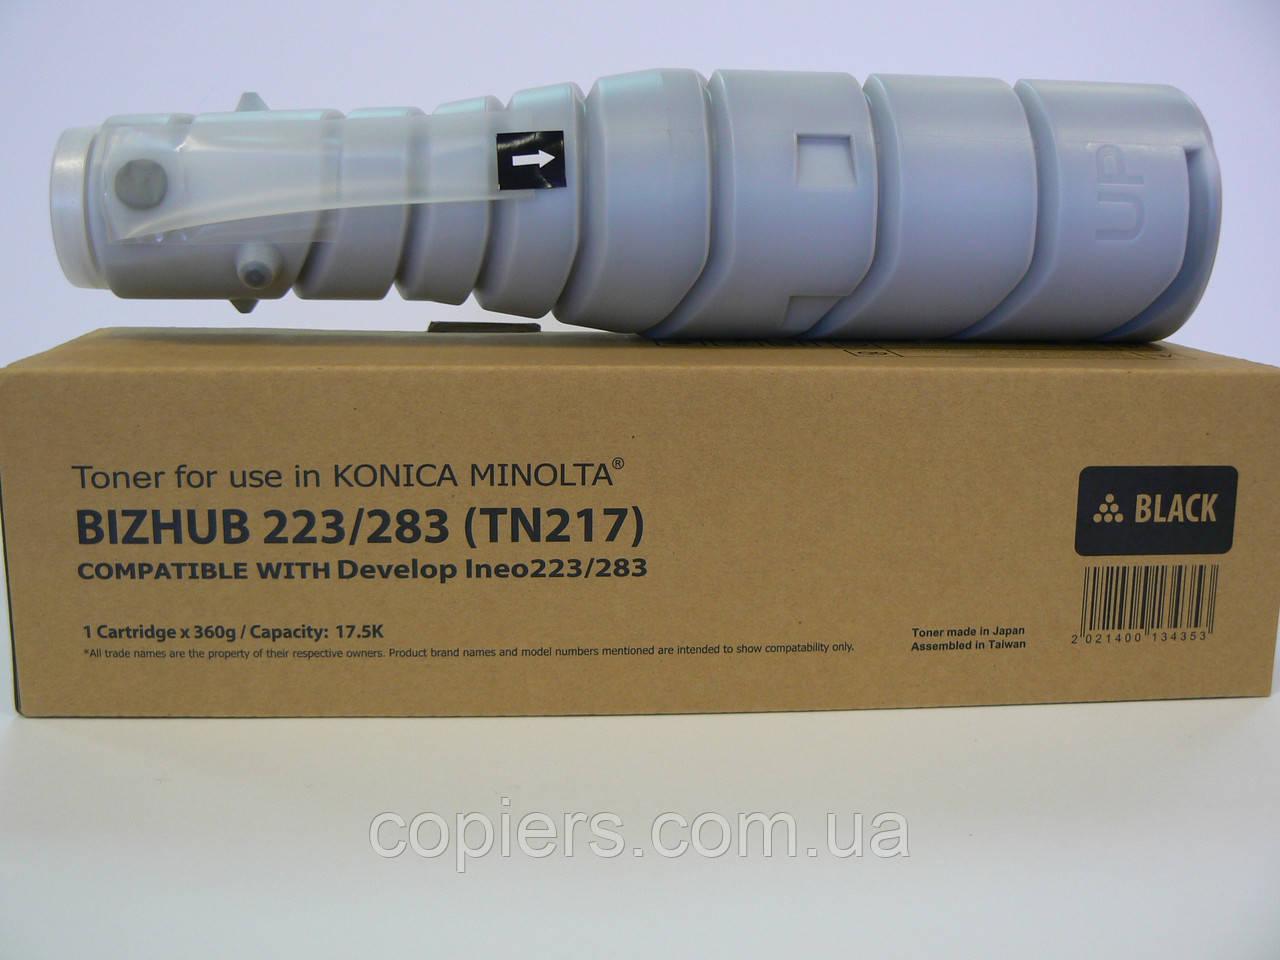 Toнер картридж  TN-217 bizhub 223/283, Tomoegawa, tn217